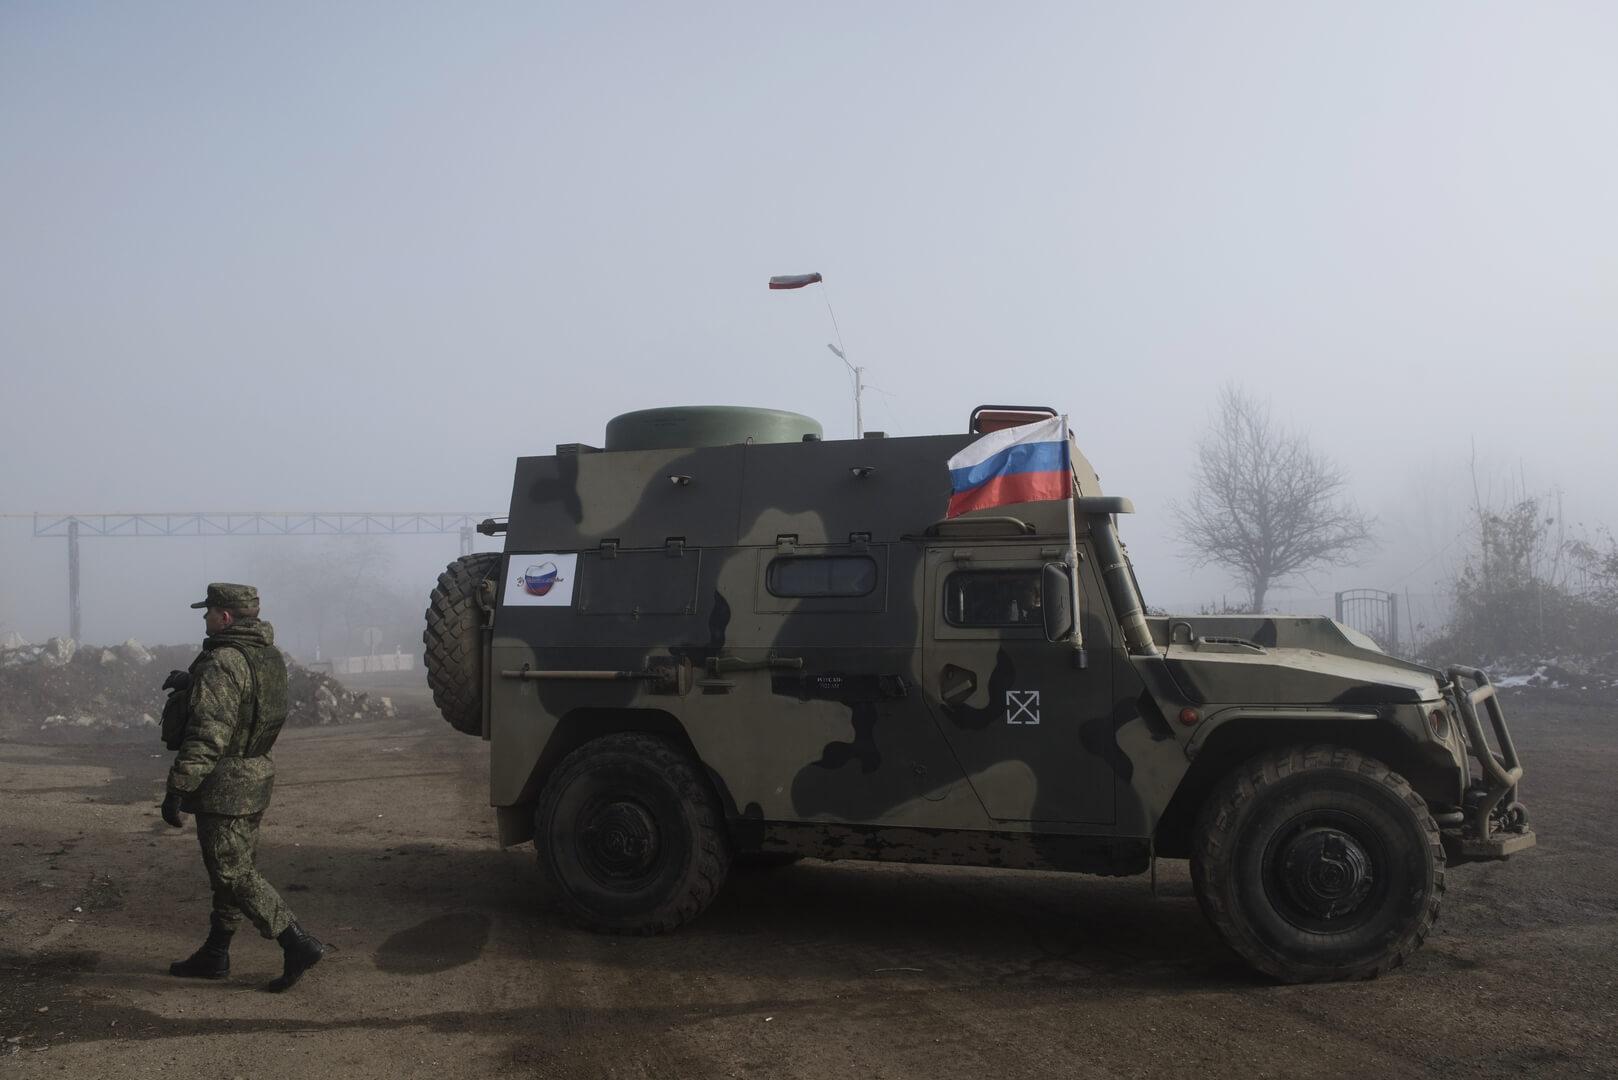 الدفاع الروسية تعلن عن تنفيذ عملية جديدة في قره باغ.. واتفاق بين موسكو والخرطوم